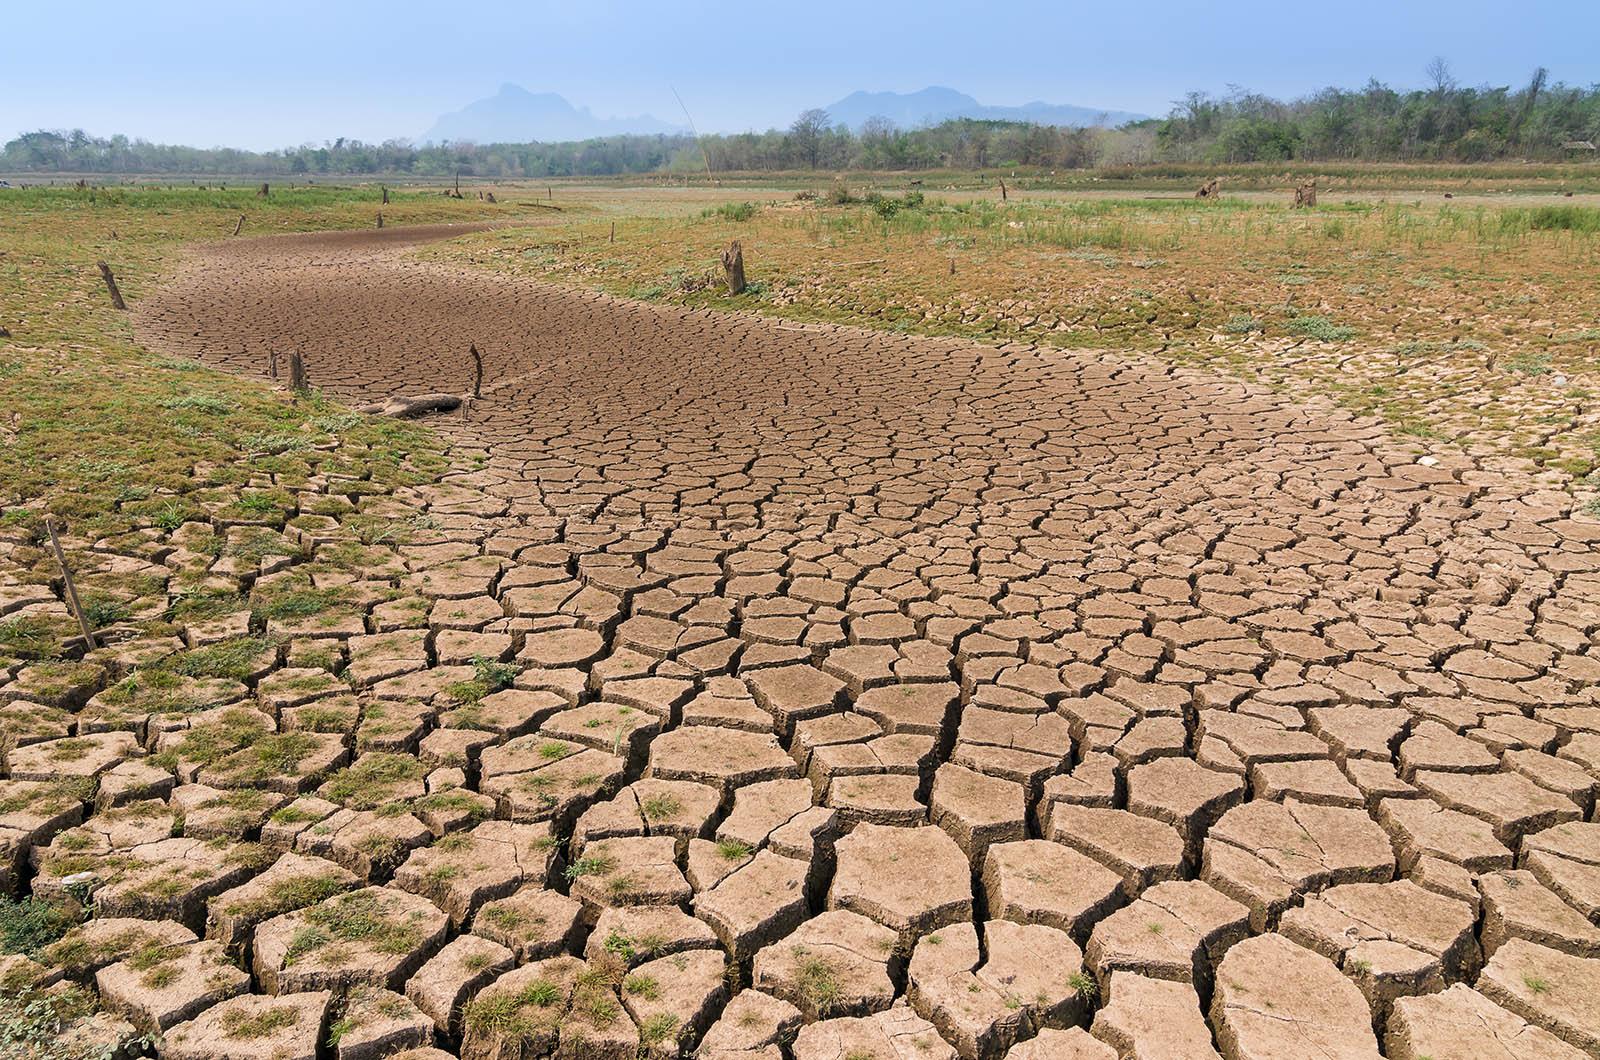 Μία ανεκπλήρωτη υπόσχεση: η συμμετοχή στην κλιματική πολιτική